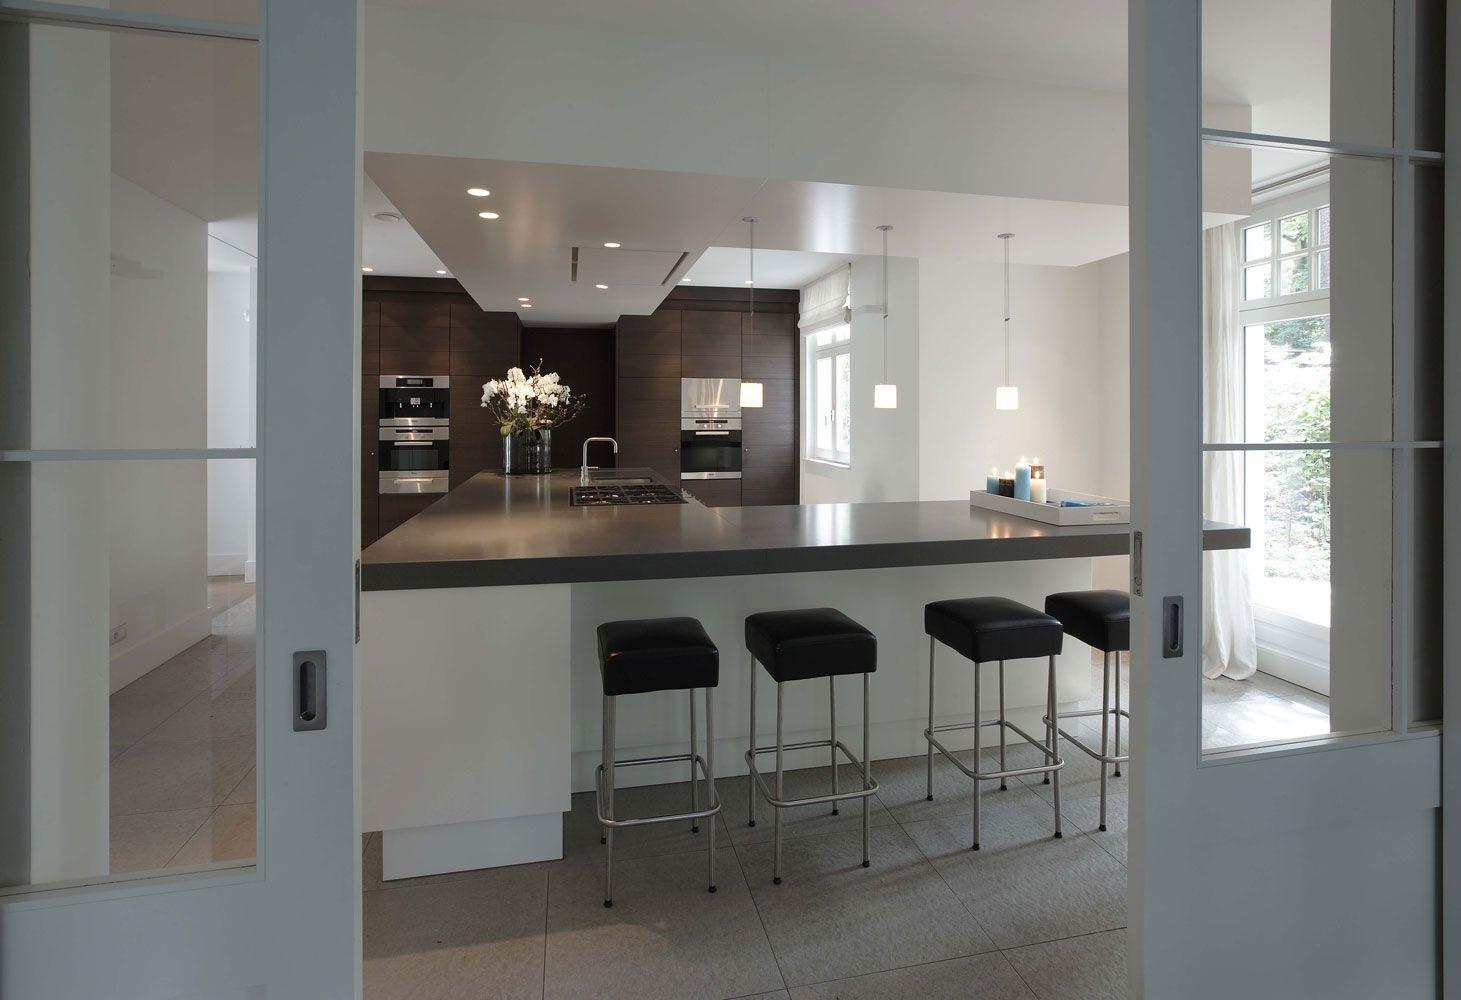 l shaped island cucc pinterest modernes wohnen k che und einrichten und wohnen. Black Bedroom Furniture Sets. Home Design Ideas